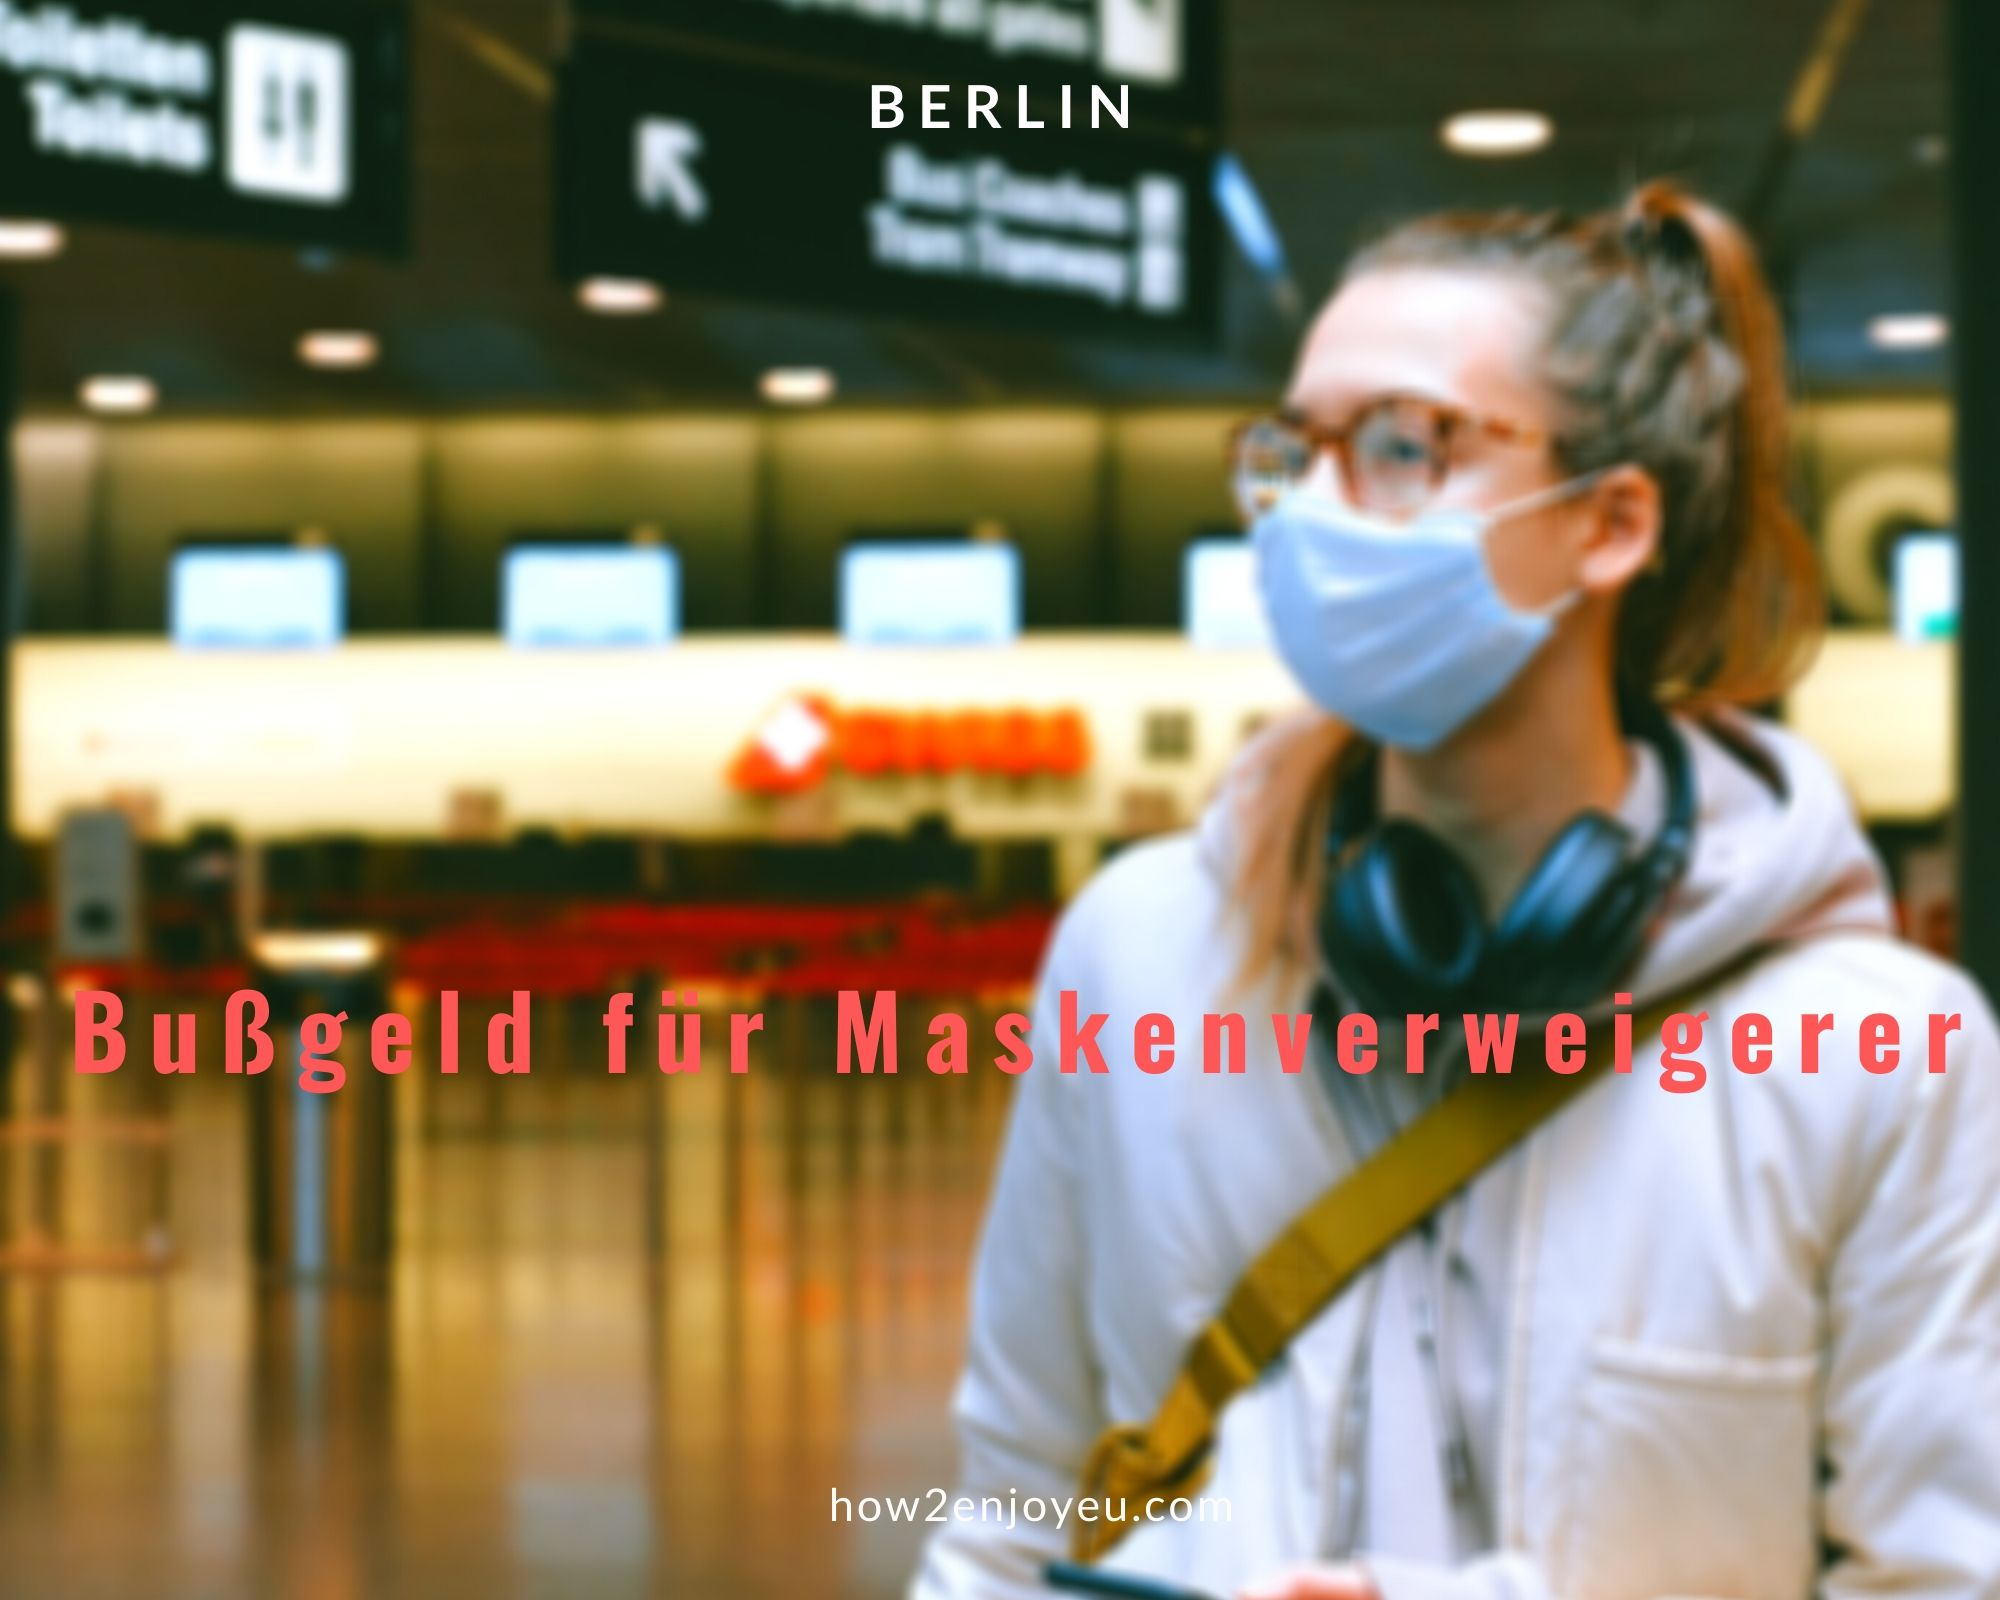 土曜日からベルリンでマスクを着用していないと罰金が